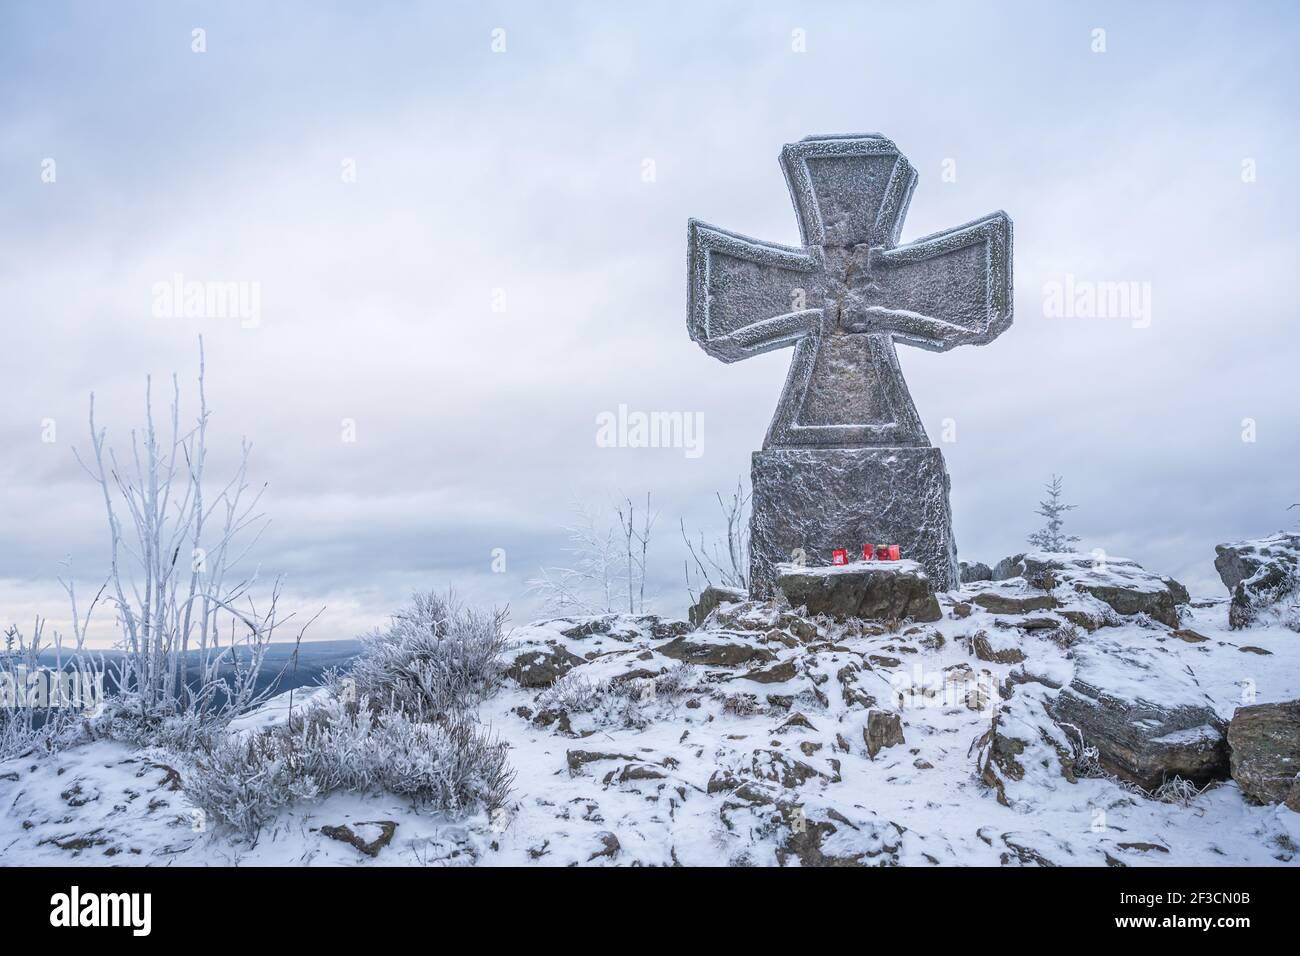 Croix de guerre en pierre près de la tour de belvédère Stepanka, à la frontière des monts Krkonose et Jizera. Jour couvert d'hiver, ciel avec nuages, arbres couverts Banque D'Images